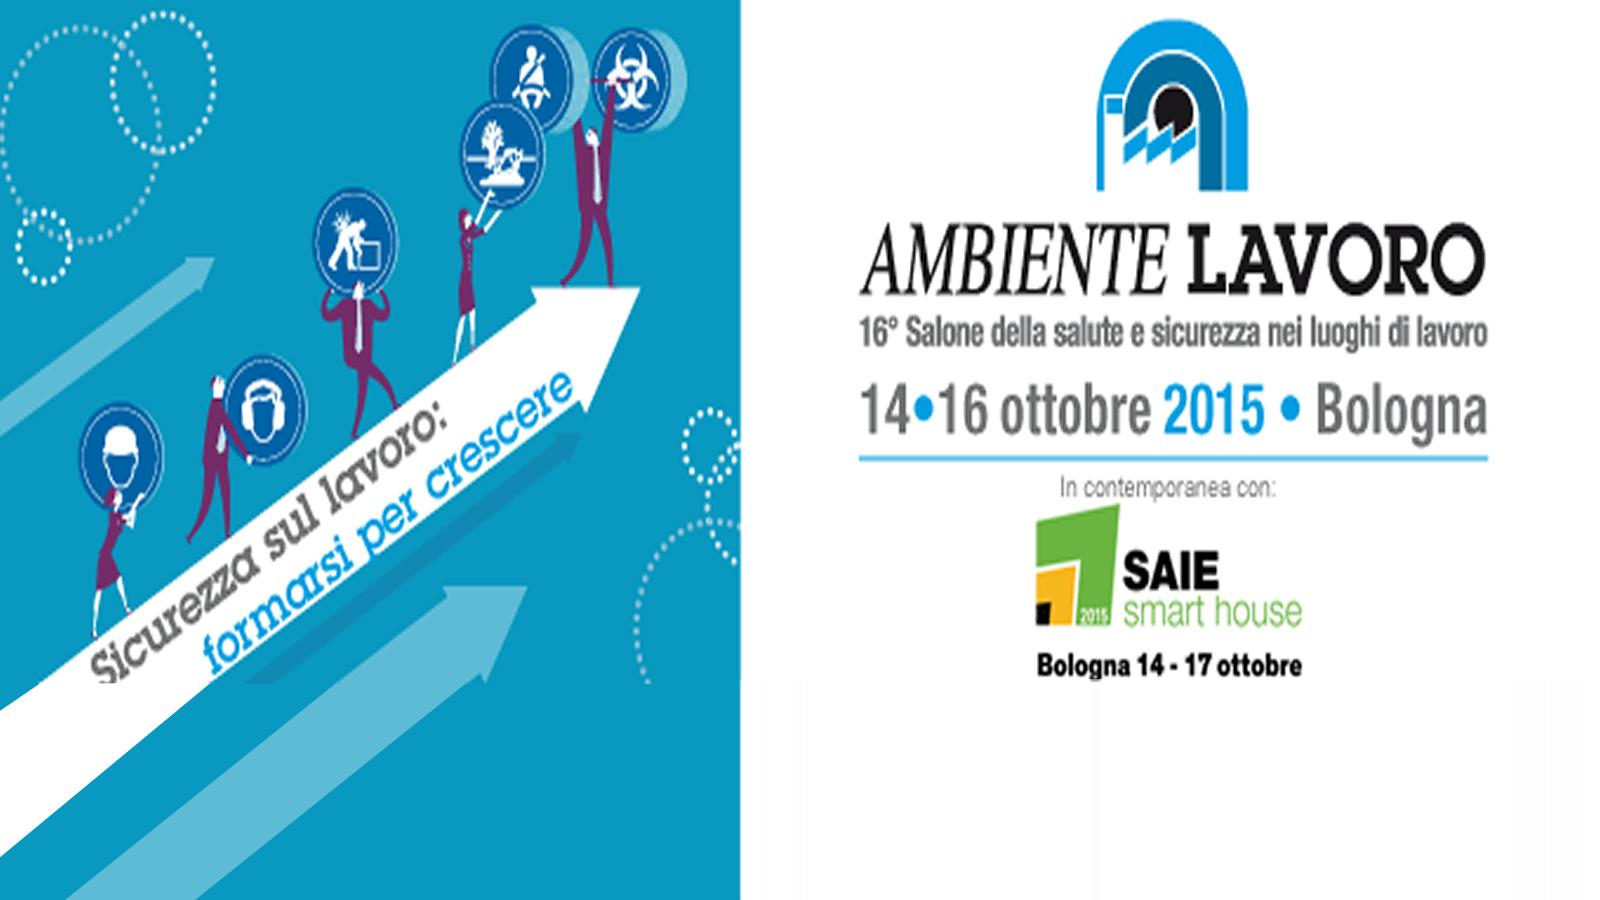 SlabItalia in fiera Ambiente lavoro 2015 a Bologna : Importanti iniziative